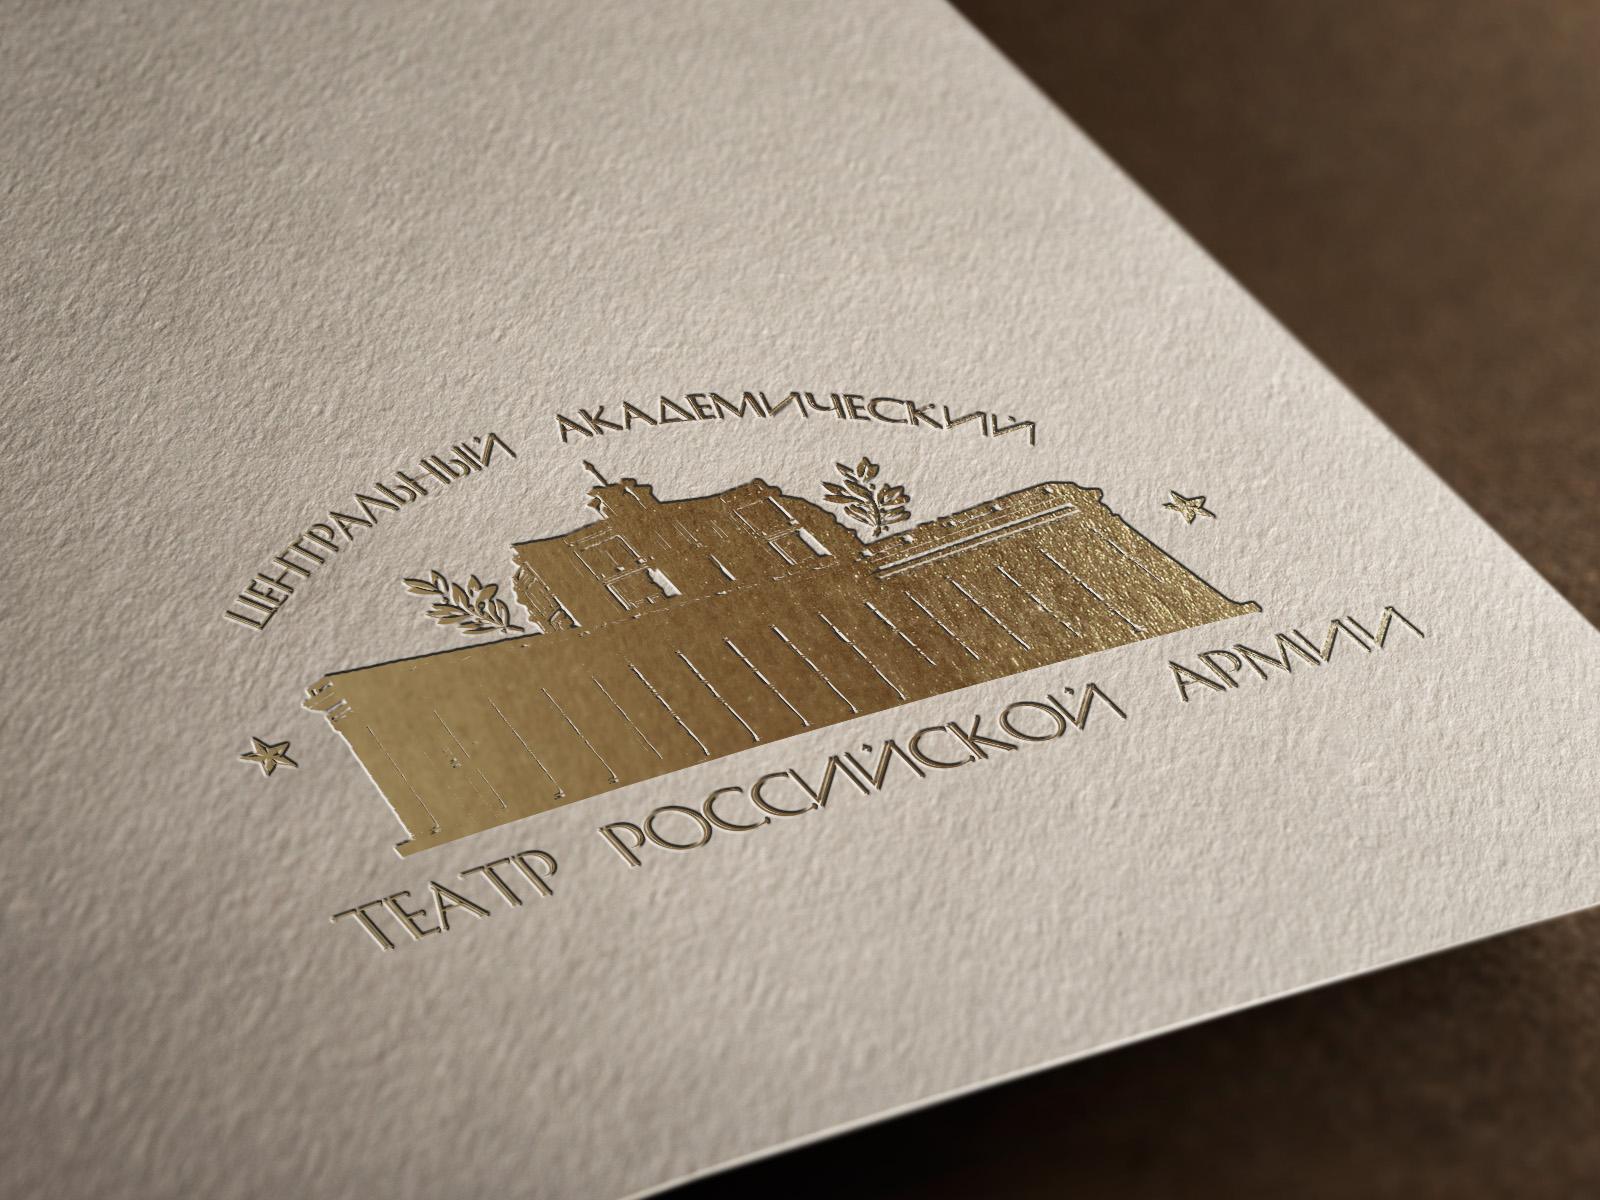 Разработка логотипа для Театра Российской Армии фото f_972588cc609a0a92.jpg